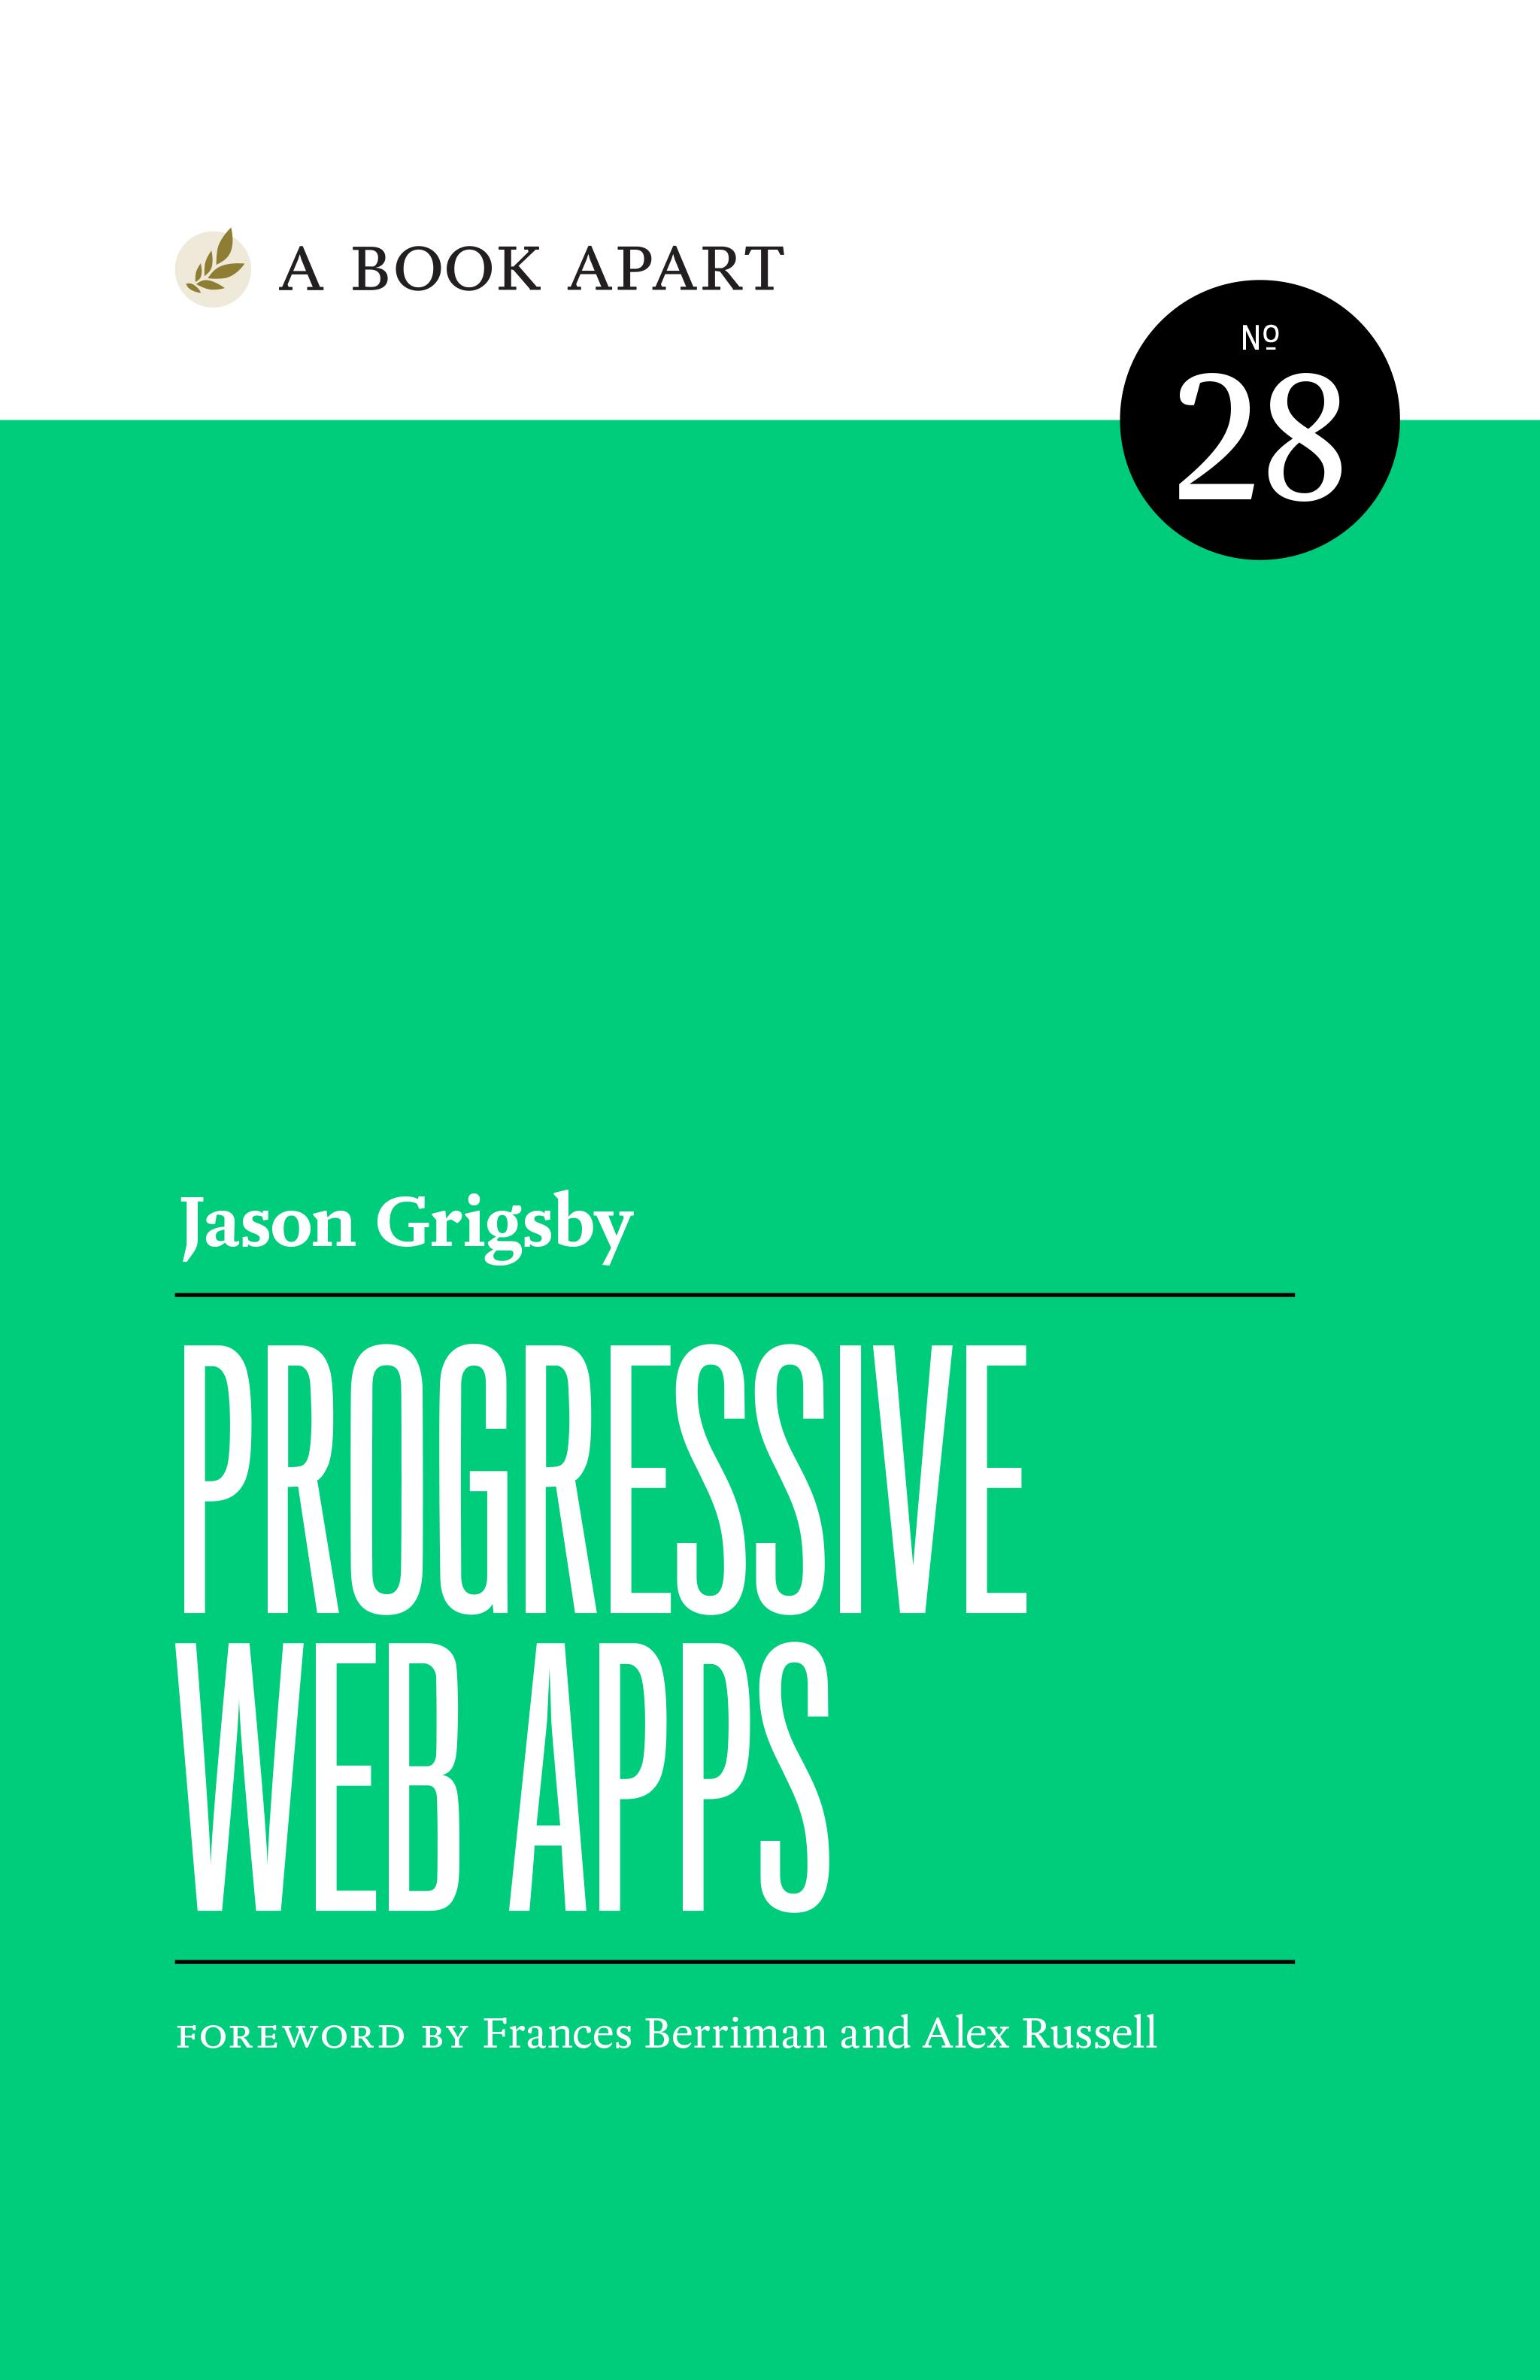 Progressive web apps represent the next big digital